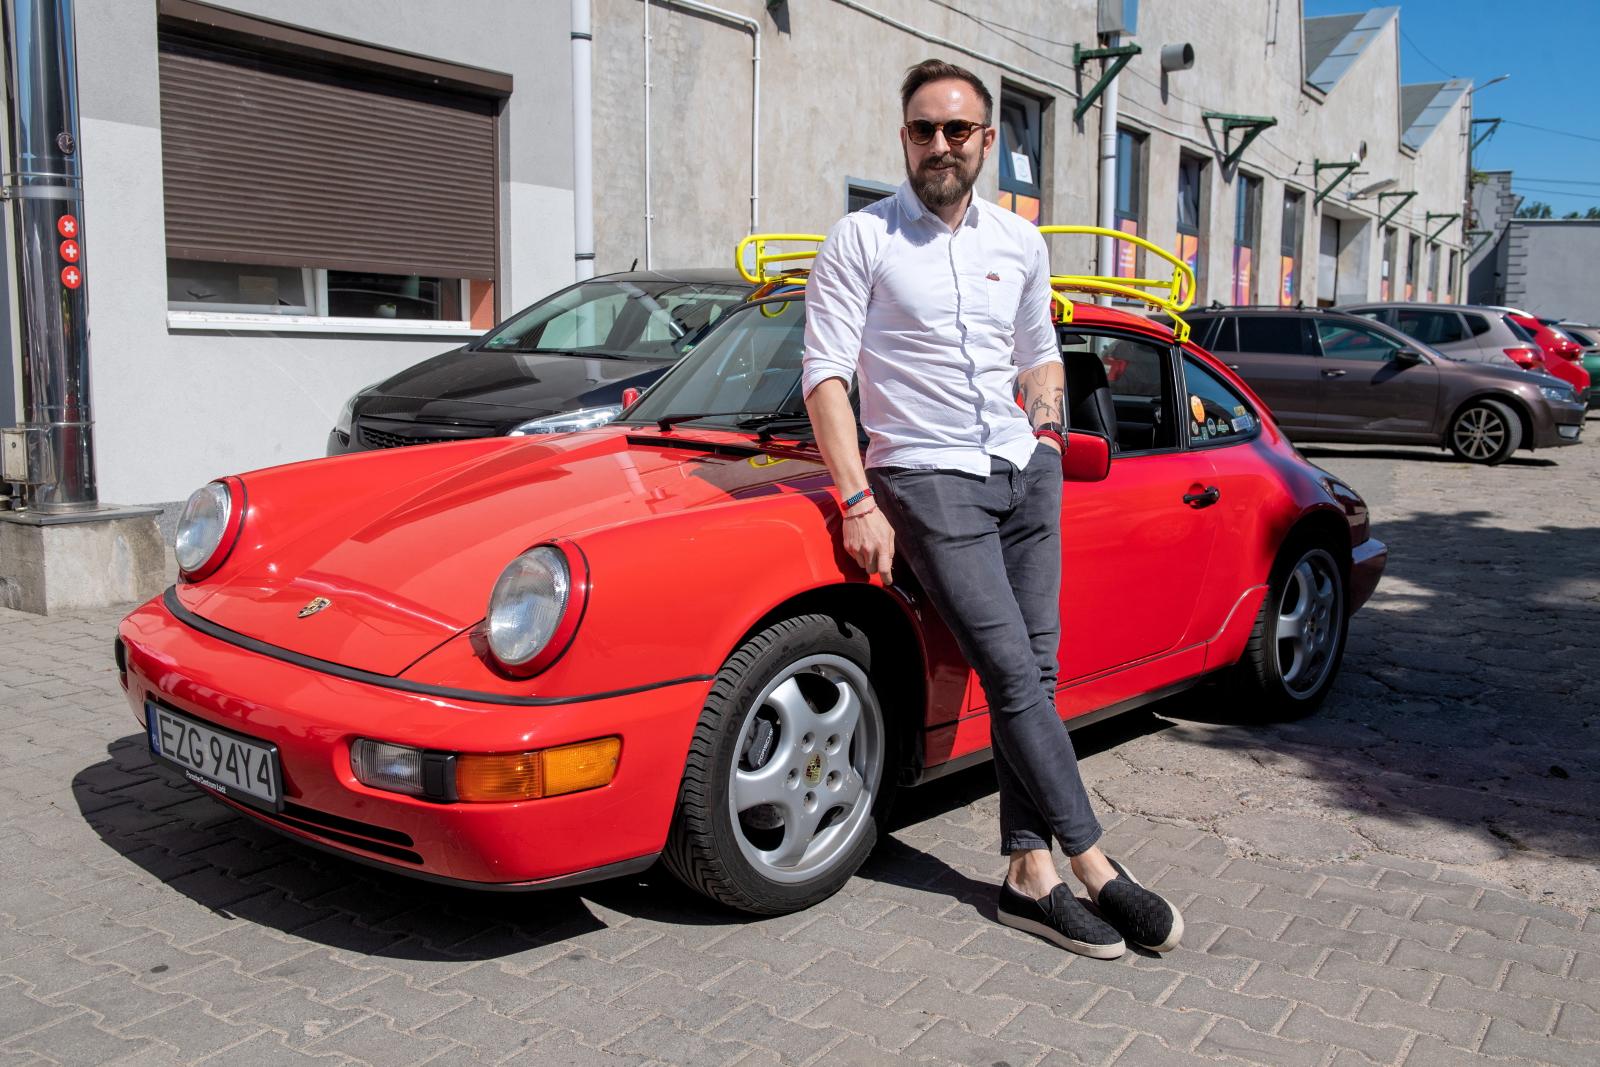 Współwłaściciel Firmy Car Bone. Flat Six Design, która zajmuje się odrestaurowaniem samochdów marki Porche, Paweł Kalinowski podczas prezentacji dla mediów. Fot. PAP/Grzegorz Michałowski